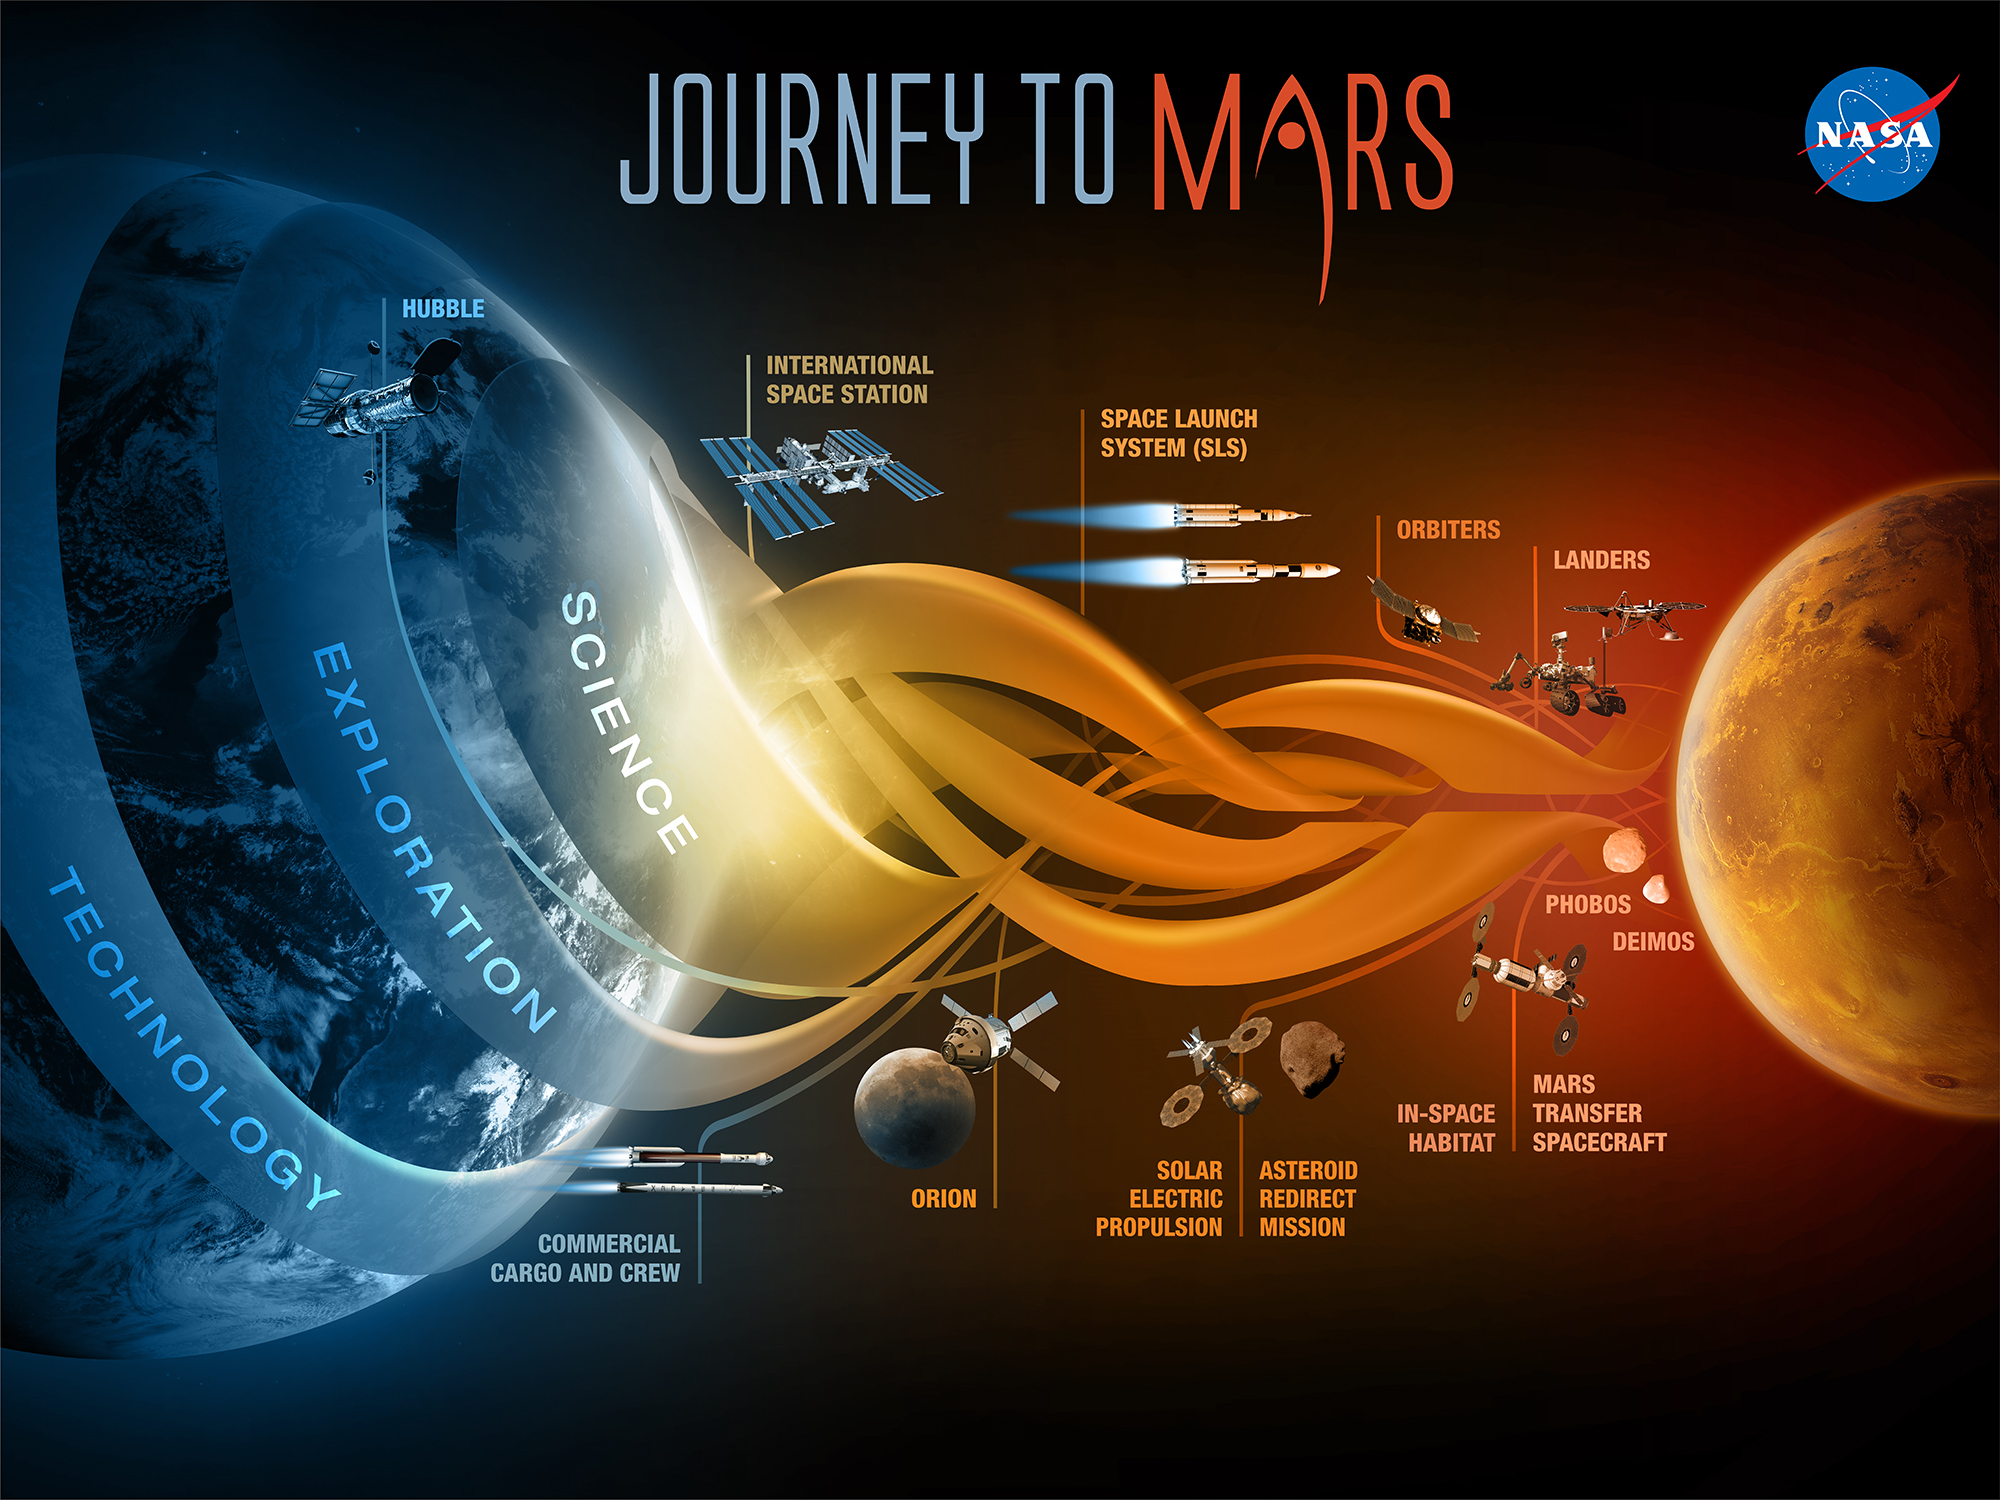 Images - 2020 Mission Plans